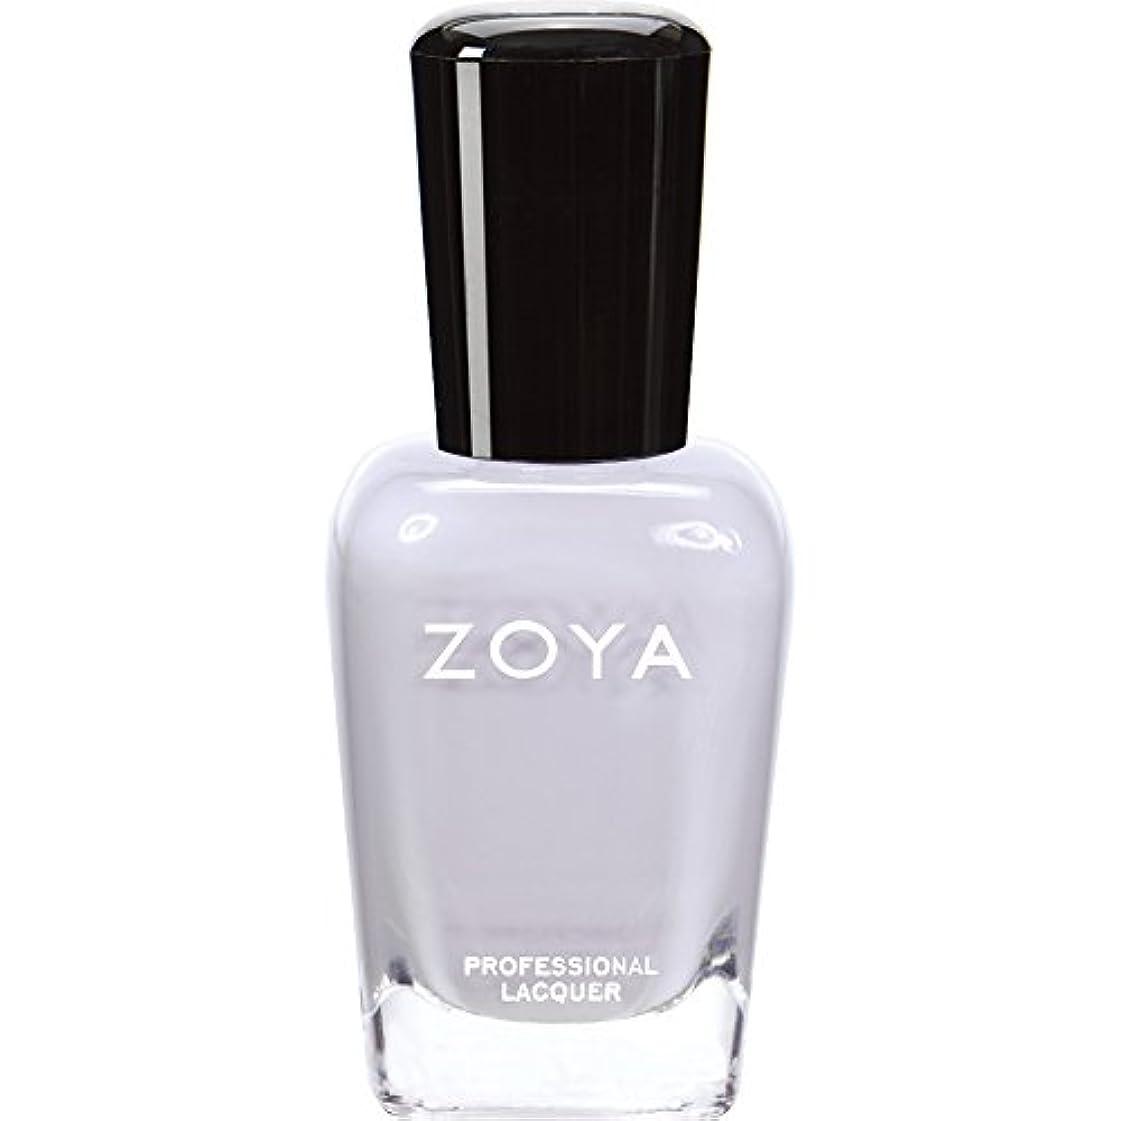 水銀の流すする必要があるZOYA ゾーヤ ネイルカラー ZP593 MEGAN ミーガン 15ml  ほんのりラベンダーが色づく淡いグレー マット 爪にやさしいネイルラッカーマニキュア